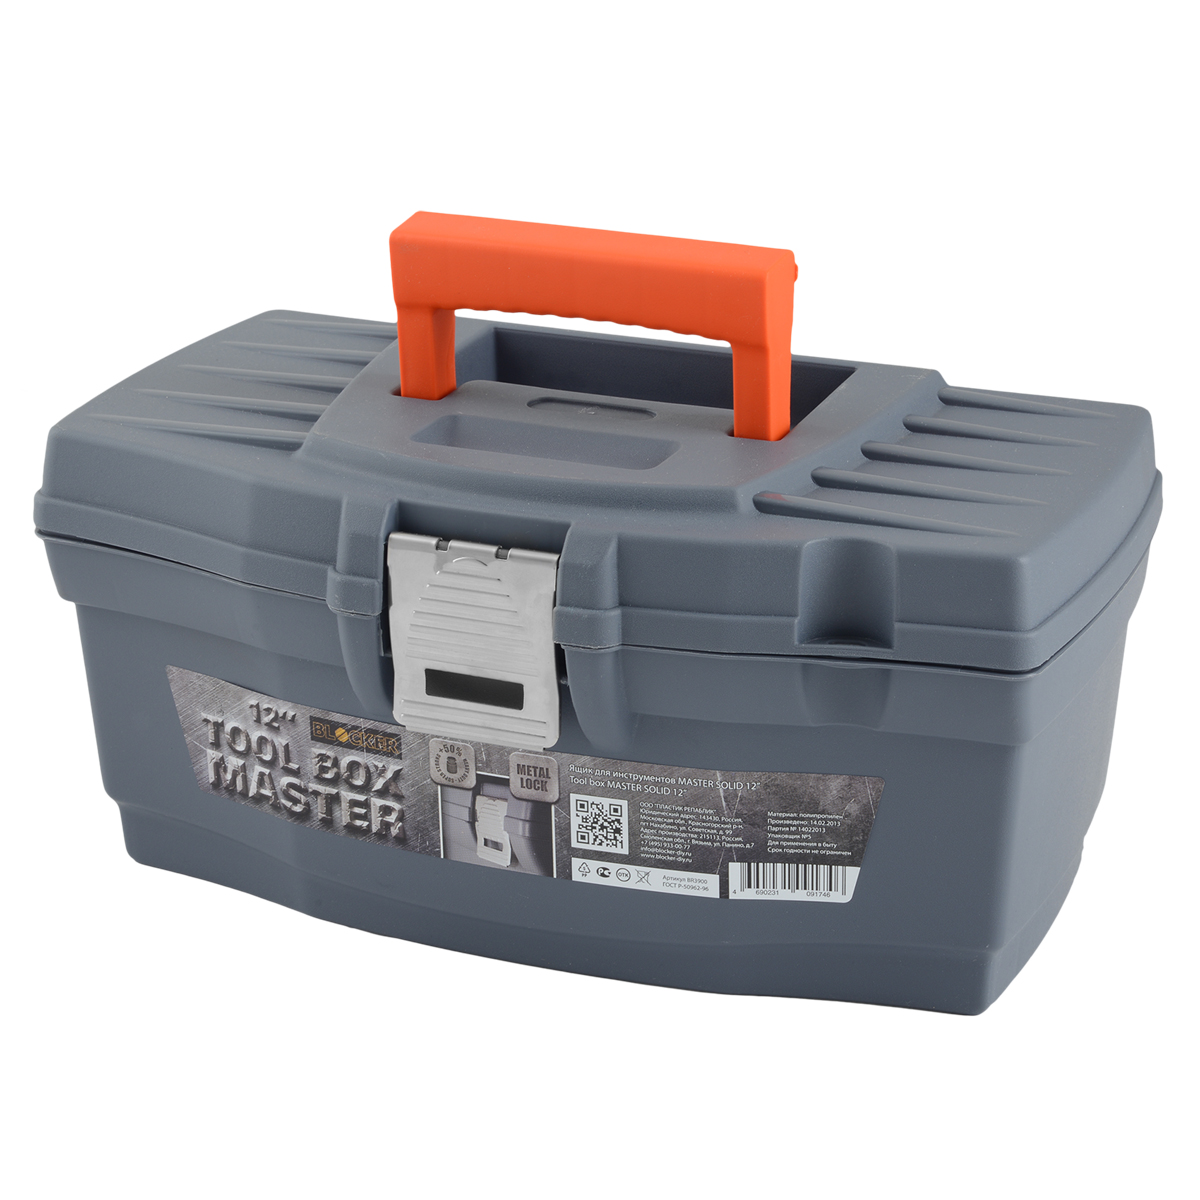 Ящик для инструментов Blocker Master Solid, цвет: серый, 320 х 185 х 152 ммBR3900СРСВИНЦСтильный ящик Blocker Master Solid предназначен для хранения и переноски инструментов. Ящик оснащен стальным замком уникальной конструкции. Небольшой, универсальный, удобный, надежный.